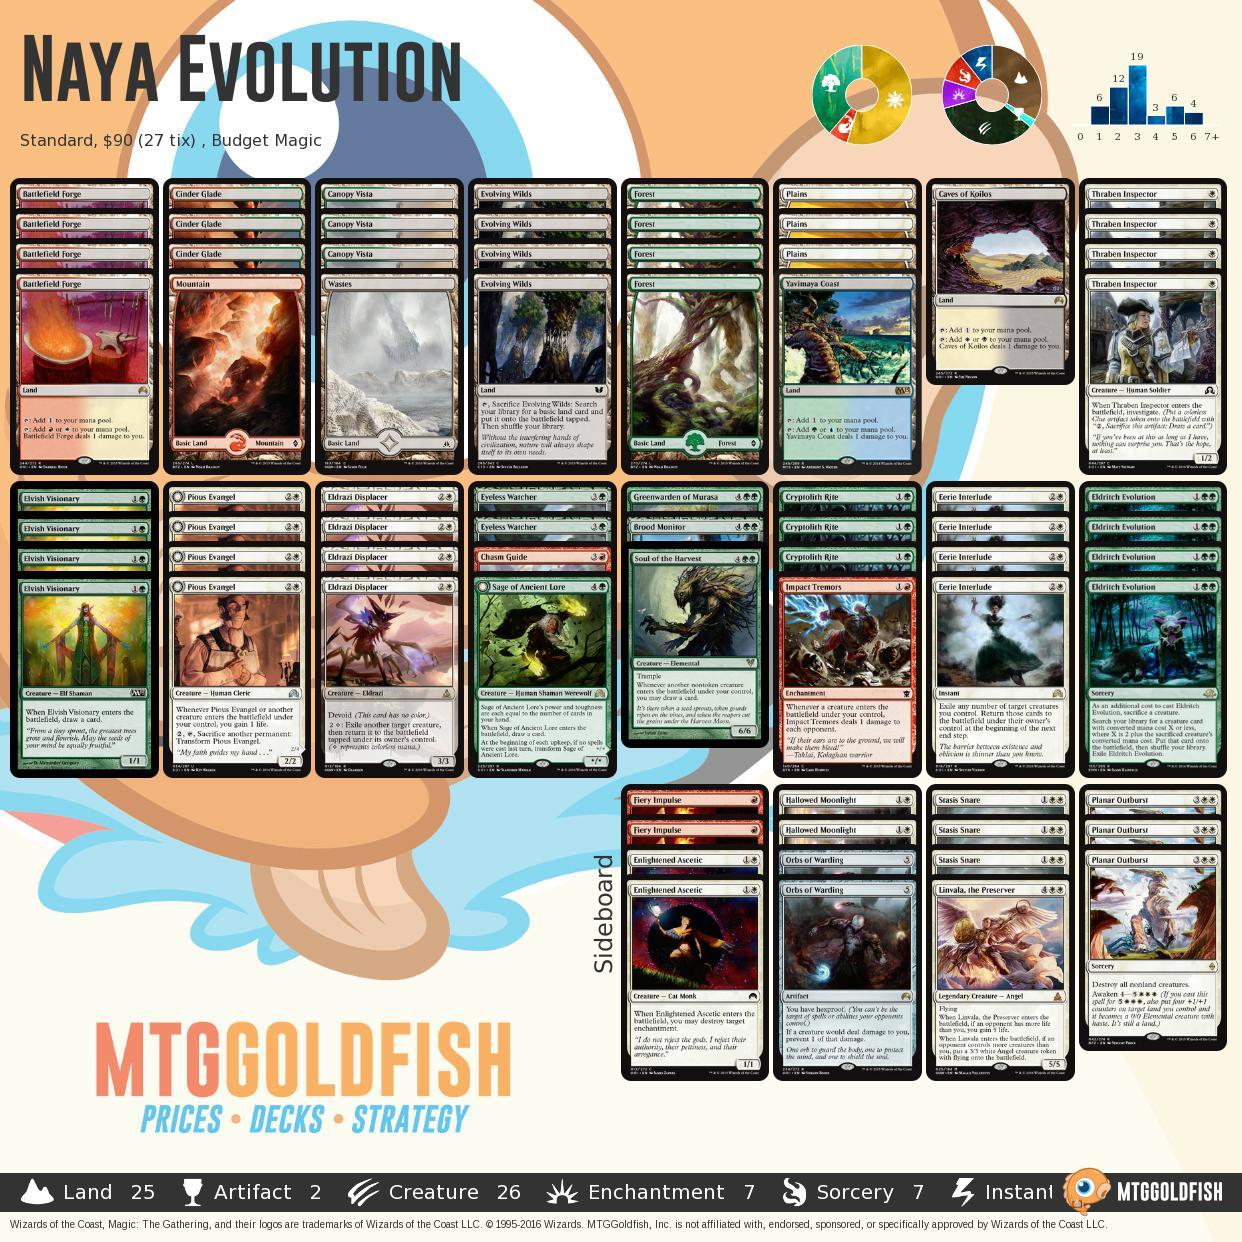 Nayaevolution